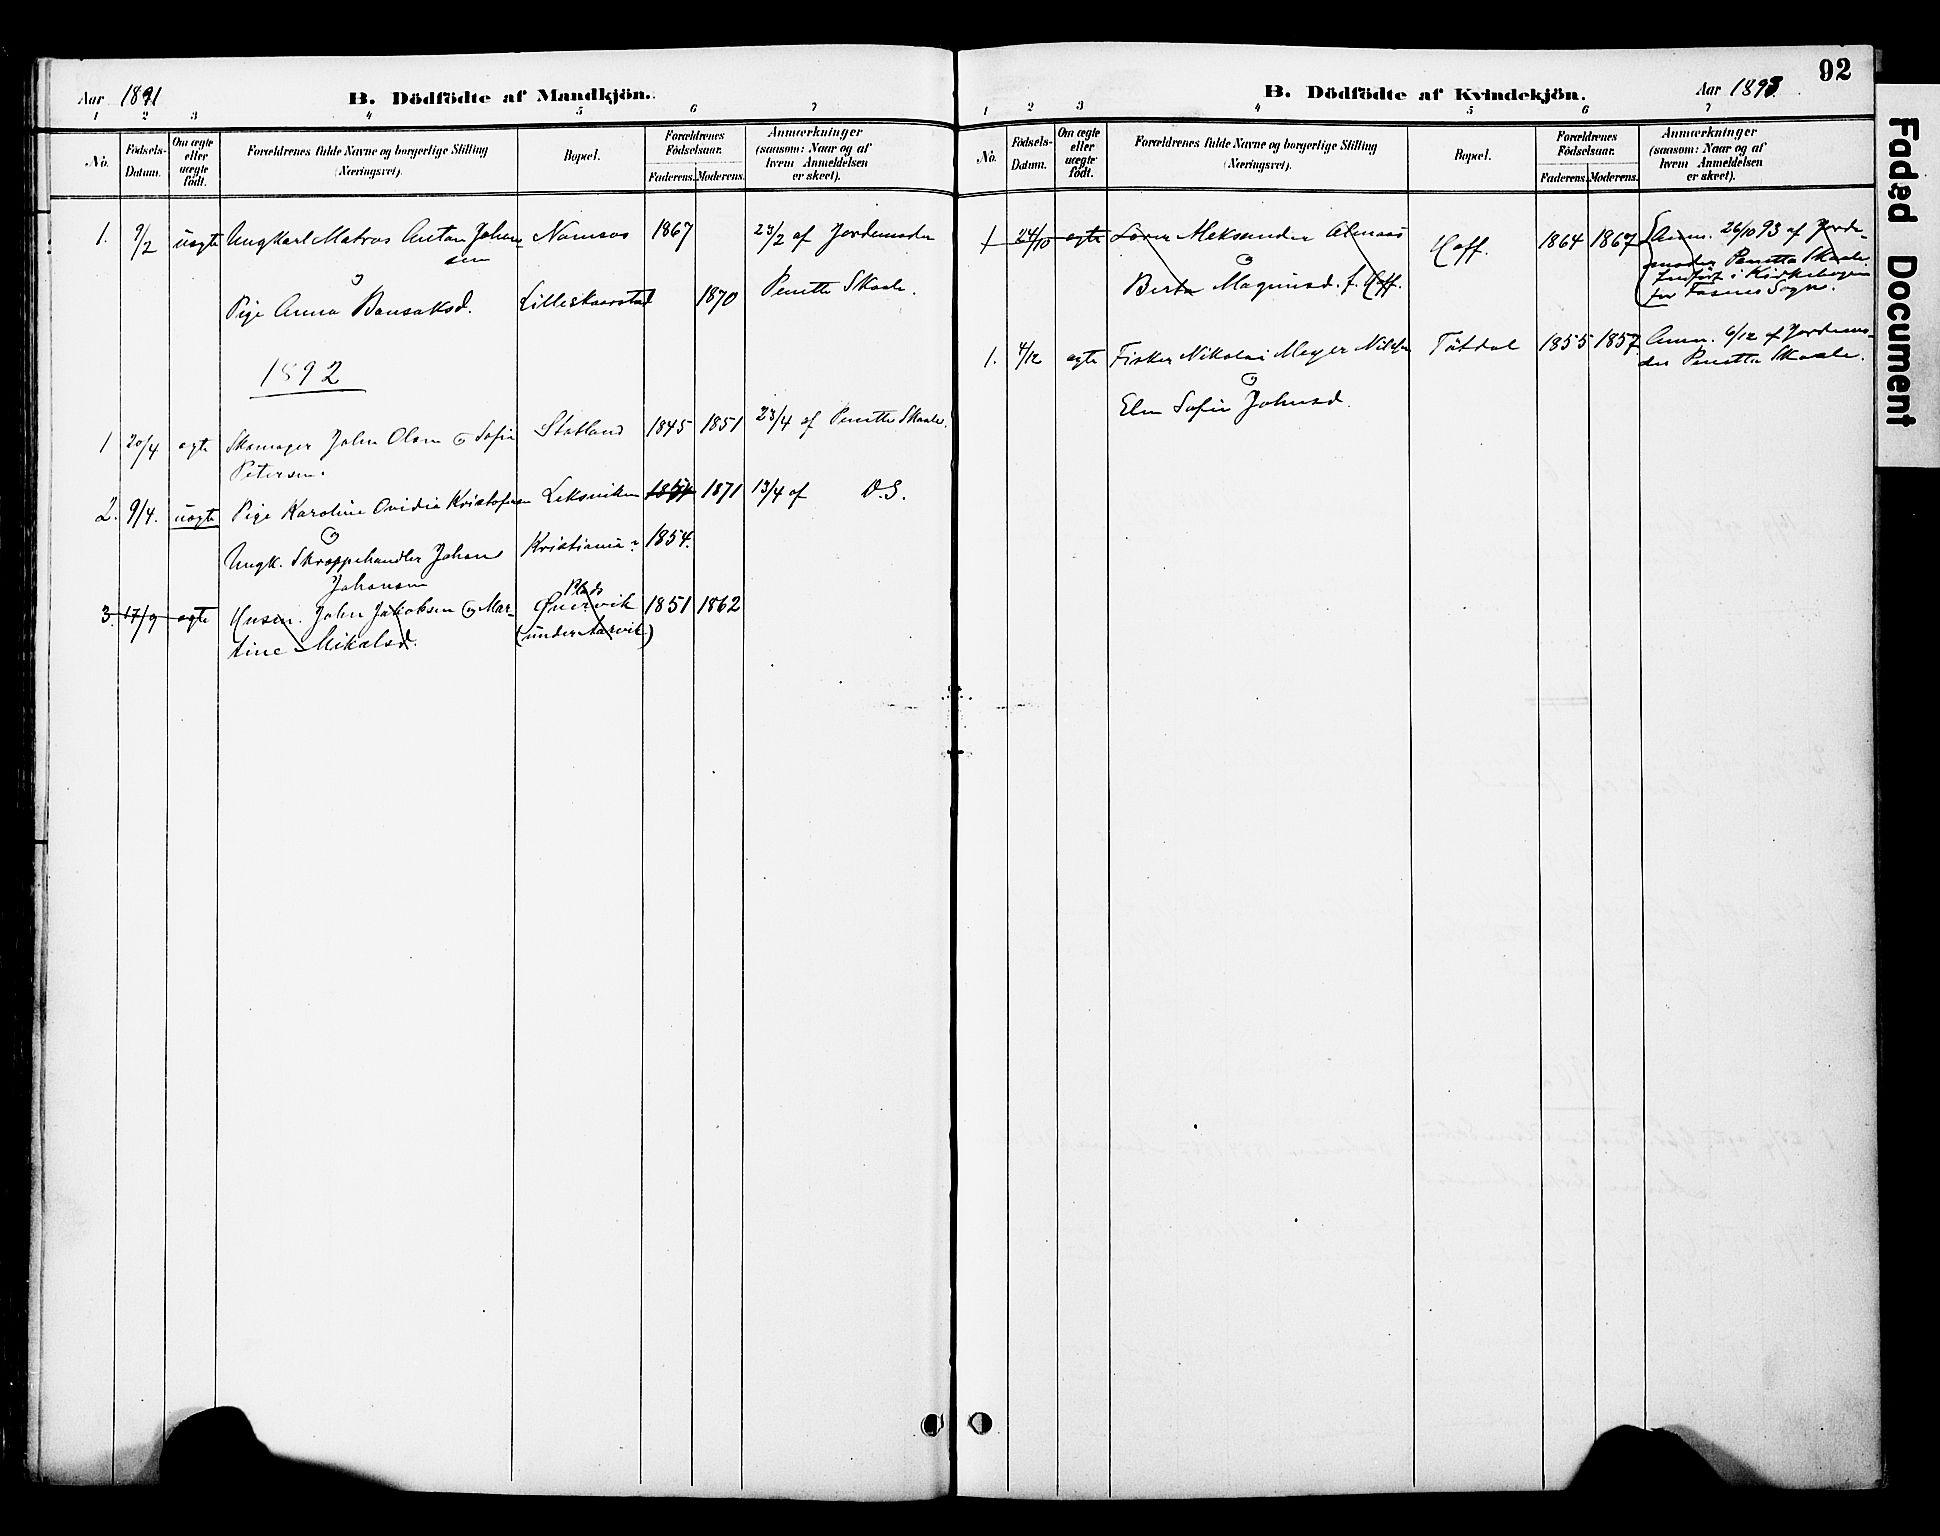 SAT, Ministerialprotokoller, klokkerbøker og fødselsregistre - Nord-Trøndelag, 774/L0628: Ministerialbok nr. 774A02, 1887-1903, s. 92